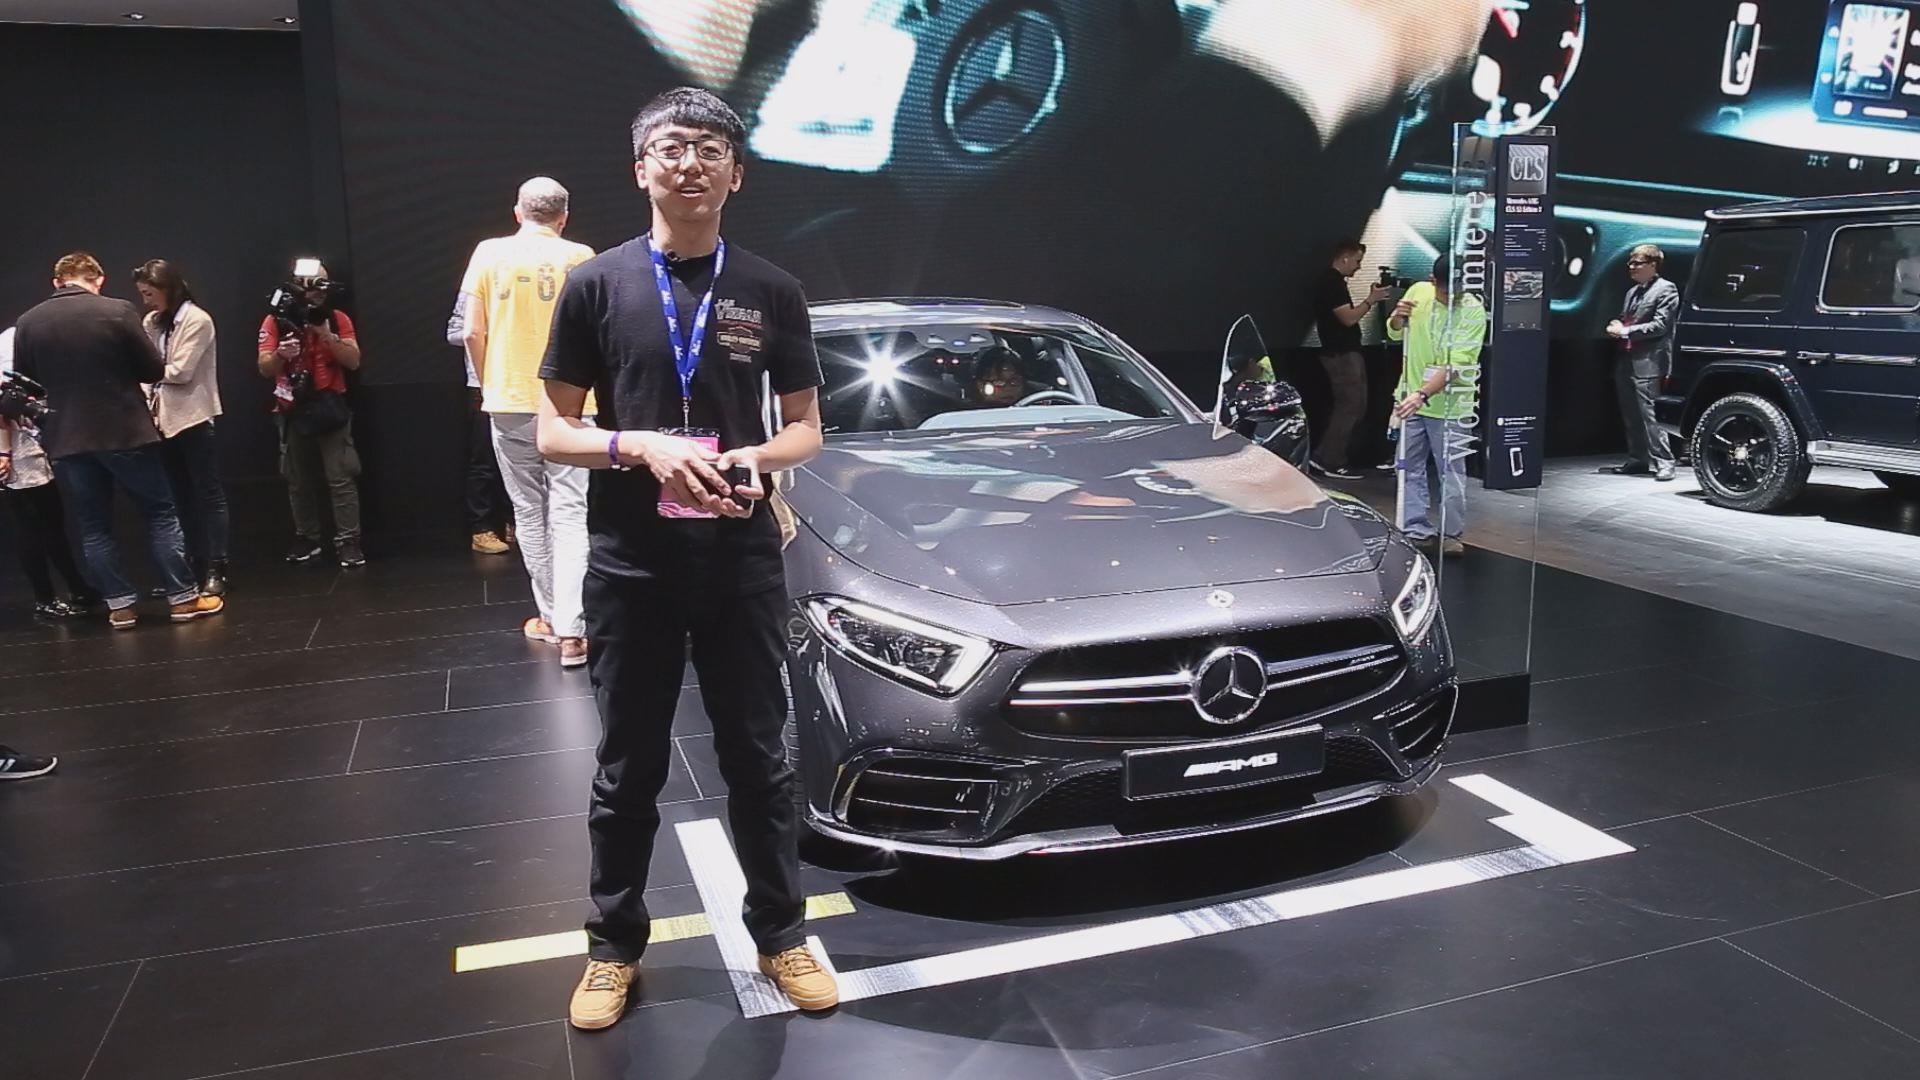 2018北美车展 全新AMG CLS 53 高性能混动新纪元